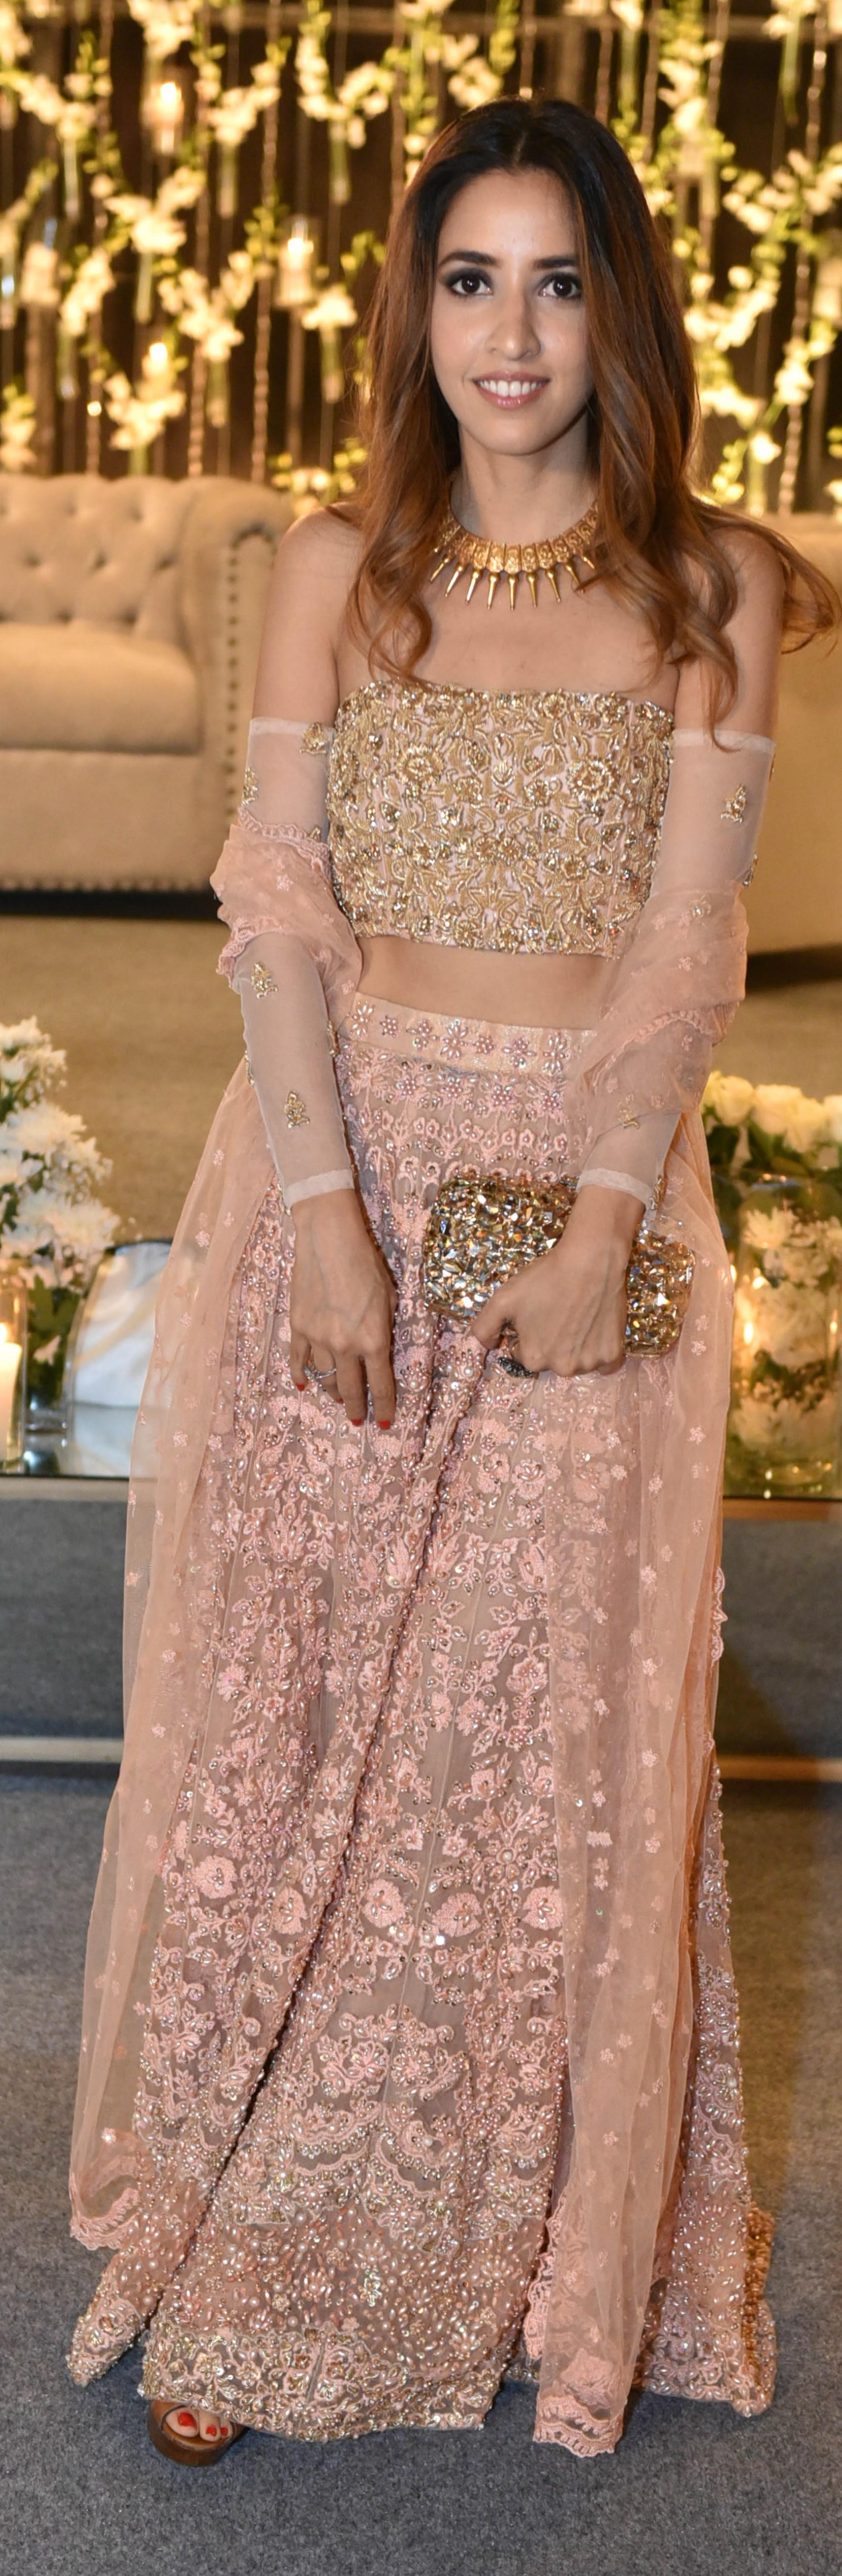 Alisha Hashmi